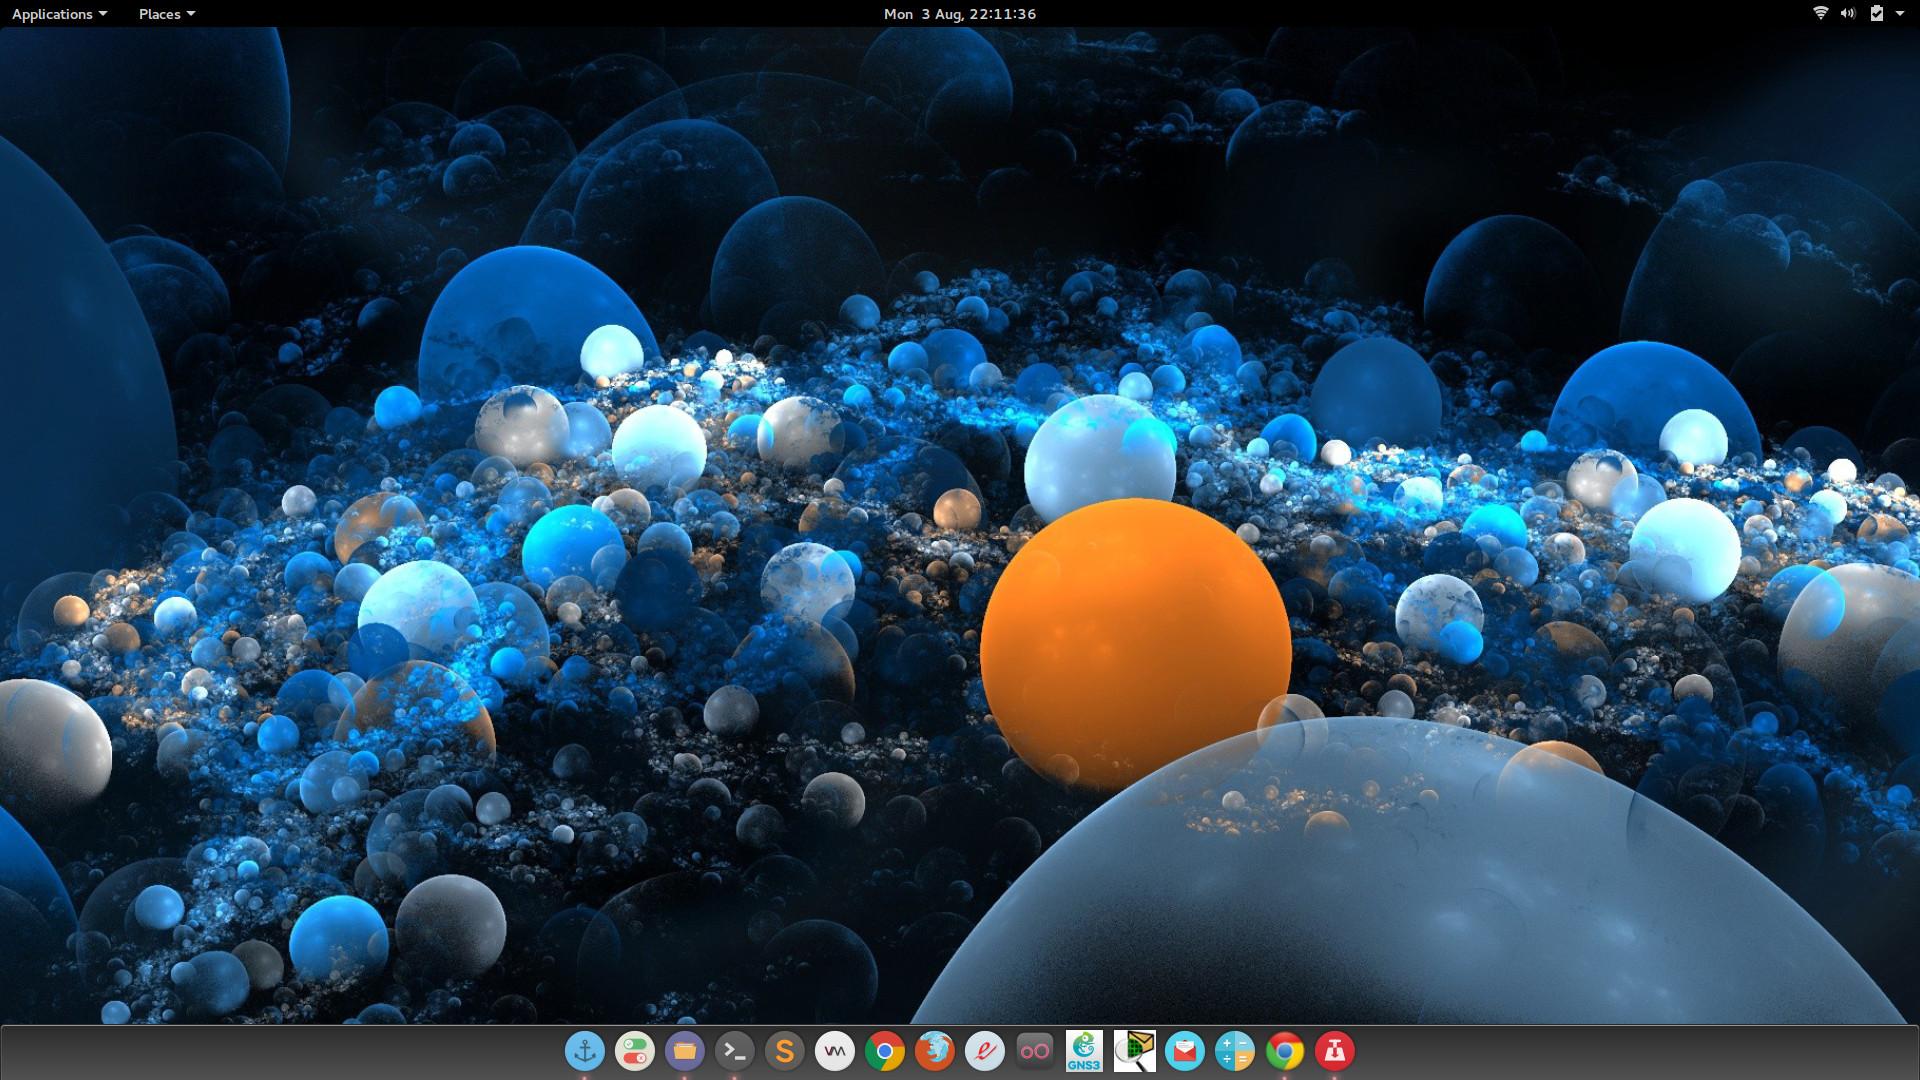 GNU / Linux August 2015 Desktops - Linux/Unix - Neowin